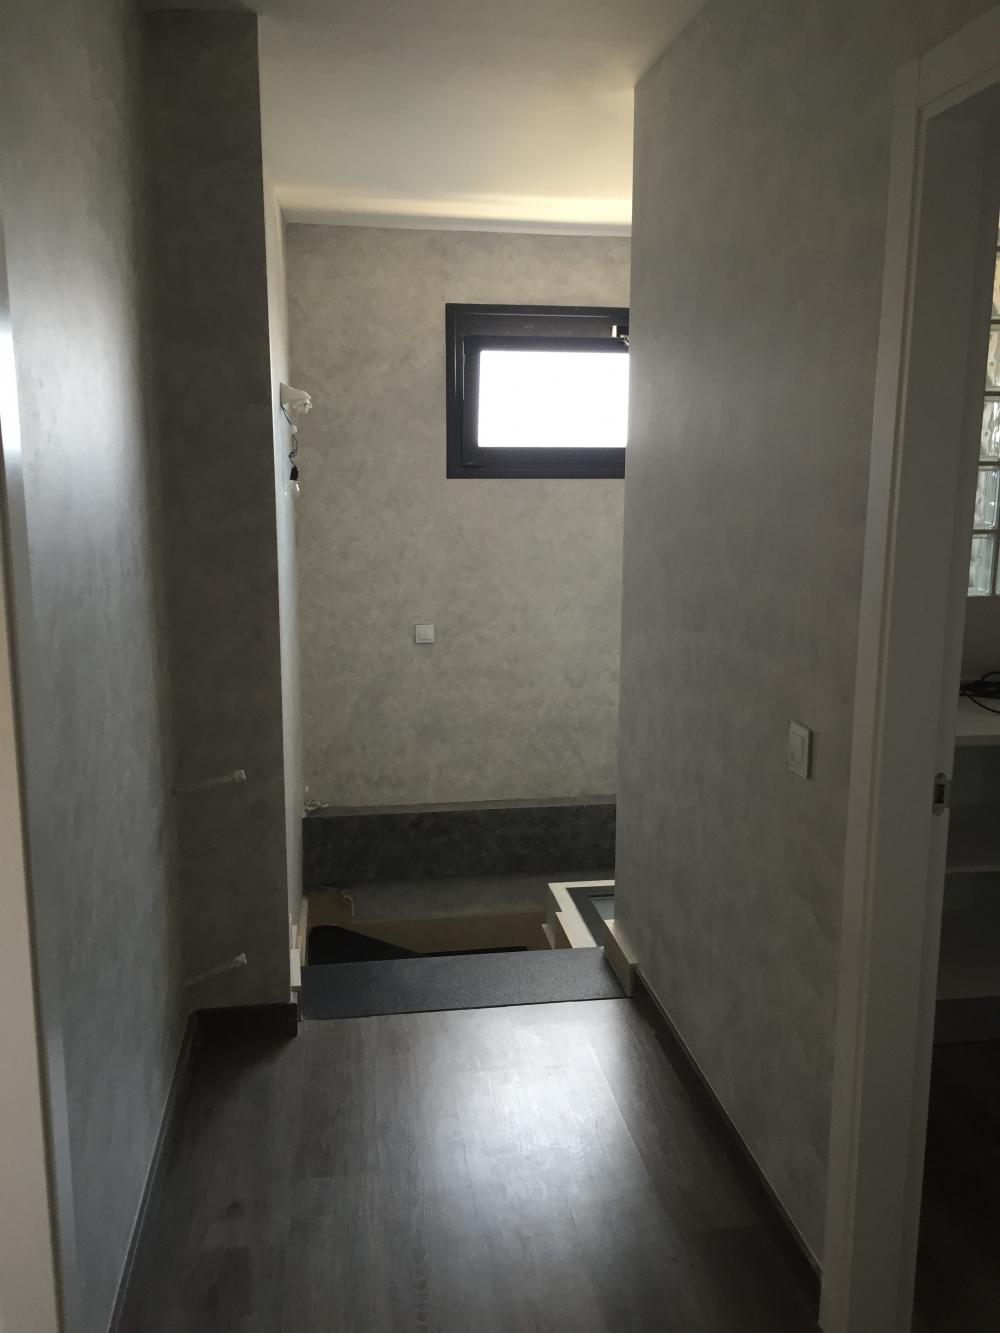 Cuanto cuesta pintar un piso pintores homologados with - Cuanto cuesta pintar un piso de 50 metros ...